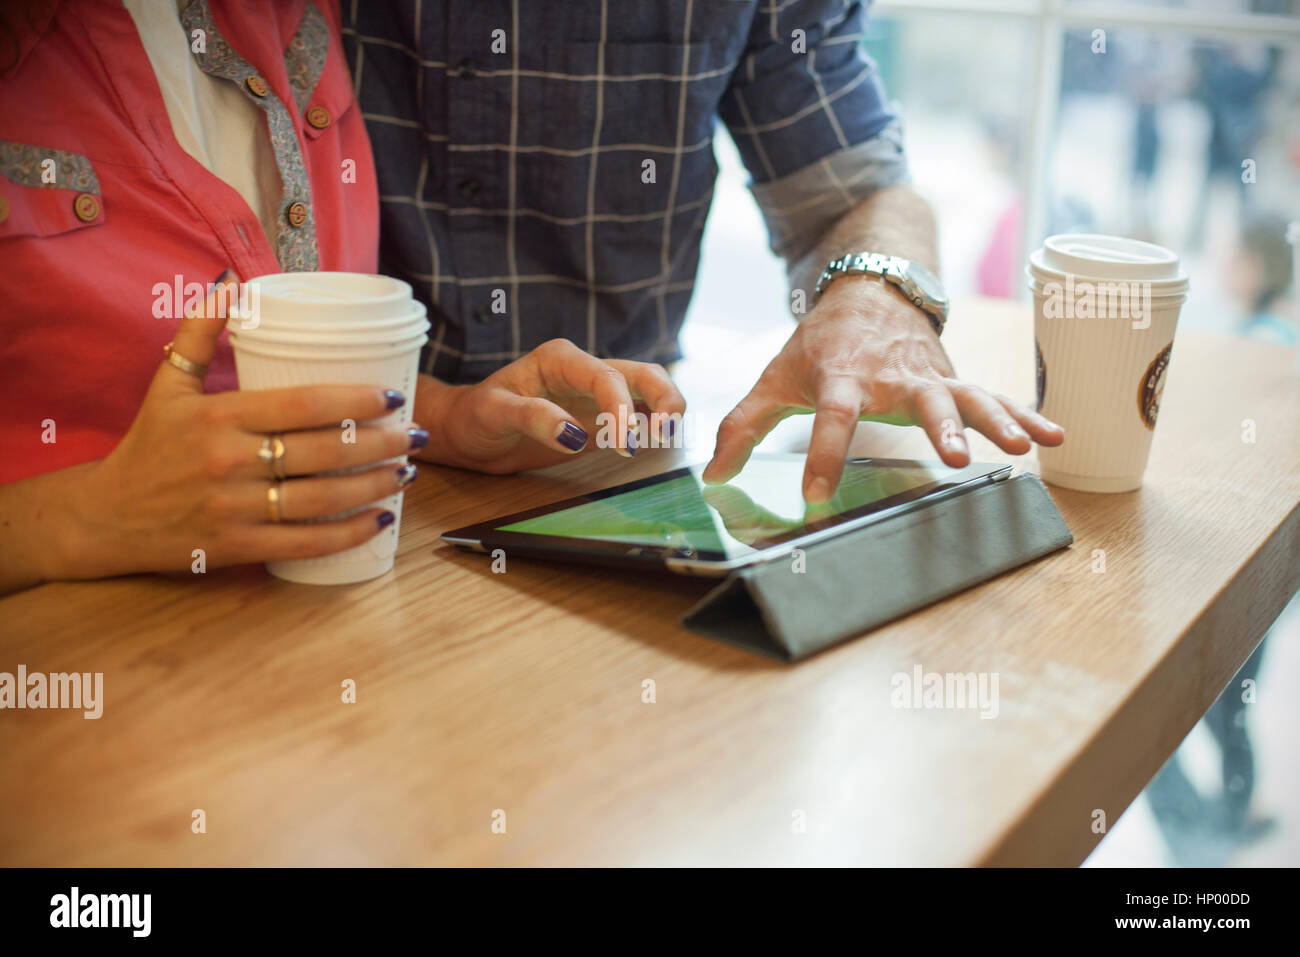 Pareja utilizando tablet digital, recortadas en la cafetería. Imagen De Stock